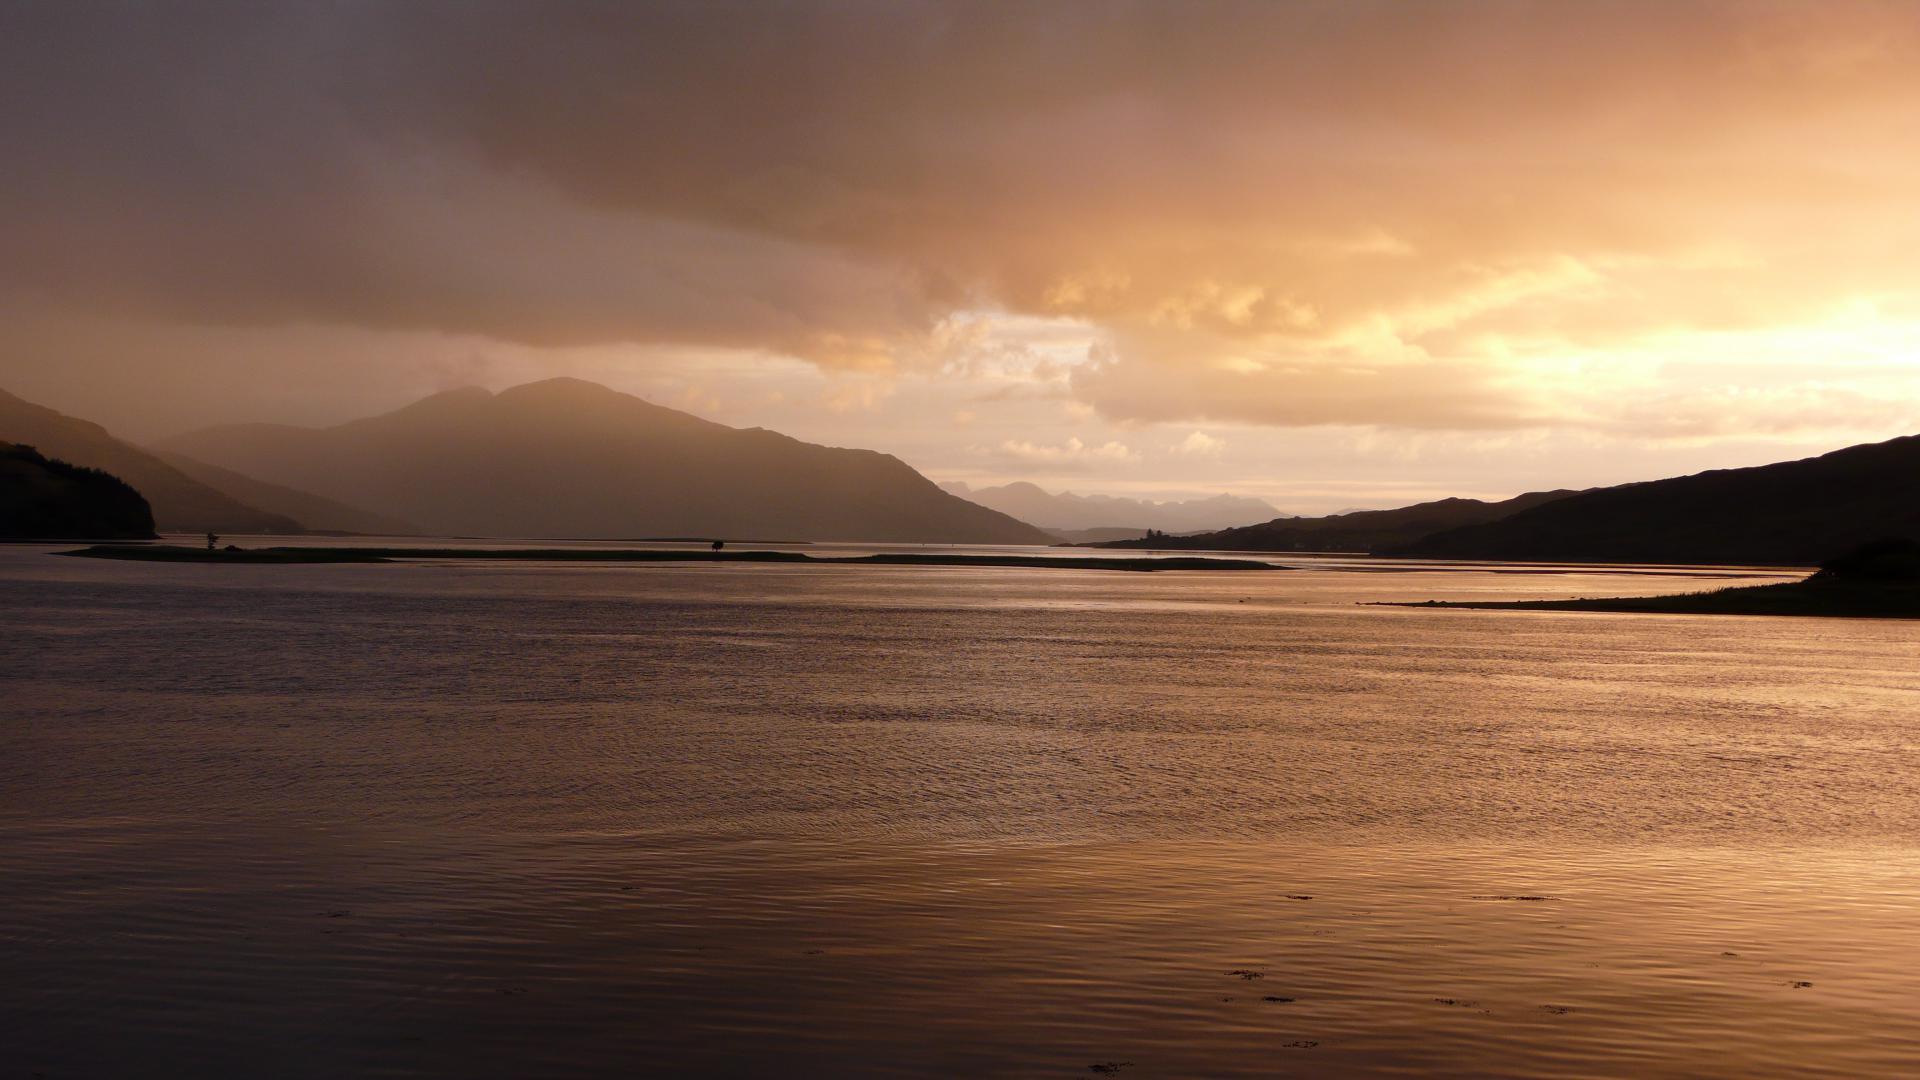 Kintail: Sonnenuntergang über Loch Duich